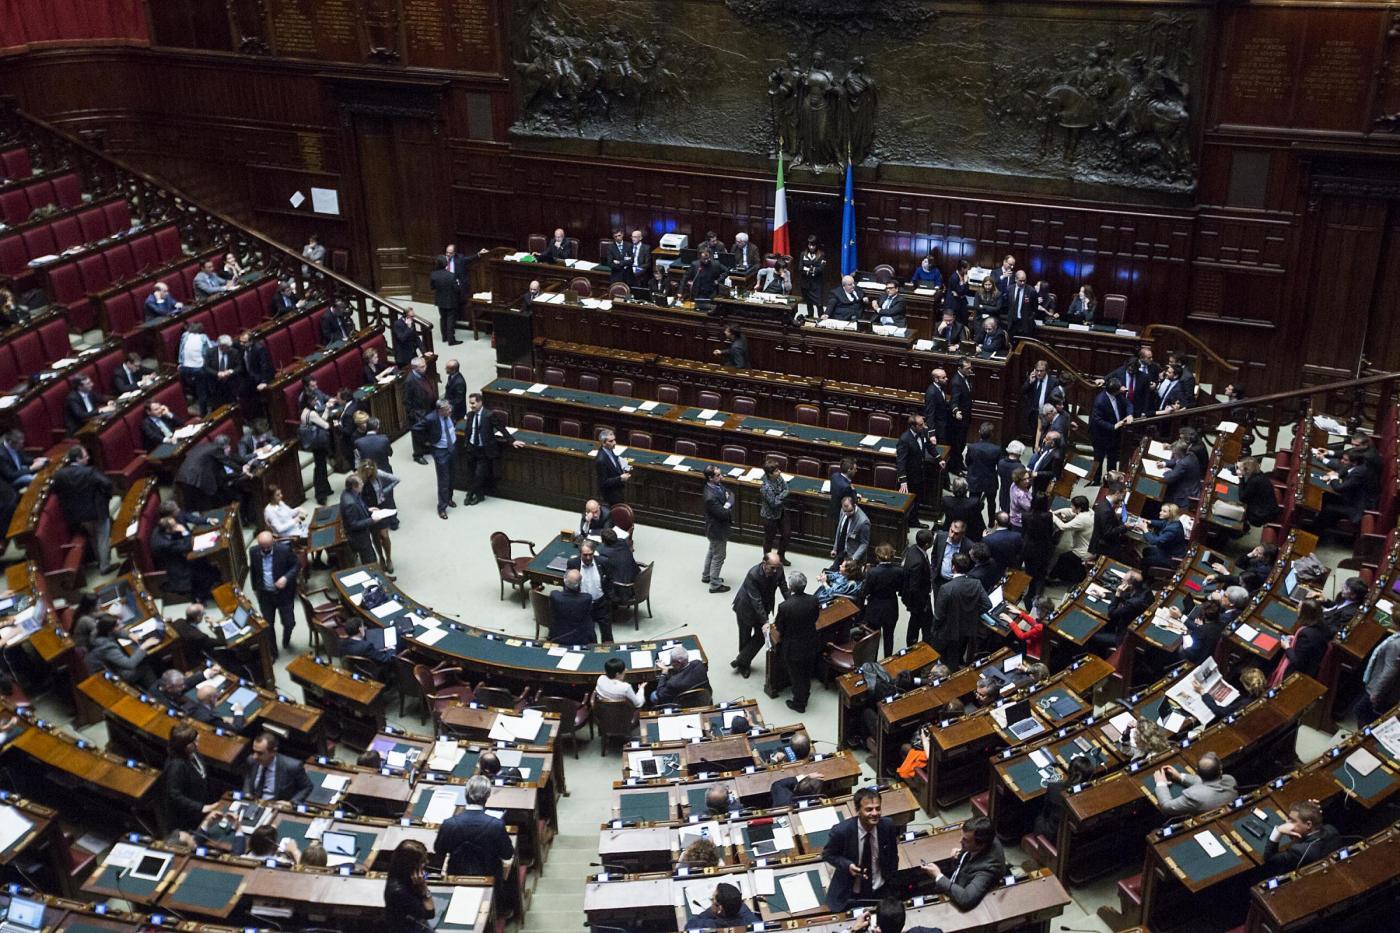 Nuovo italicum ecco come sarebbe la camera se si votasse for Video camera dei deputati oggi